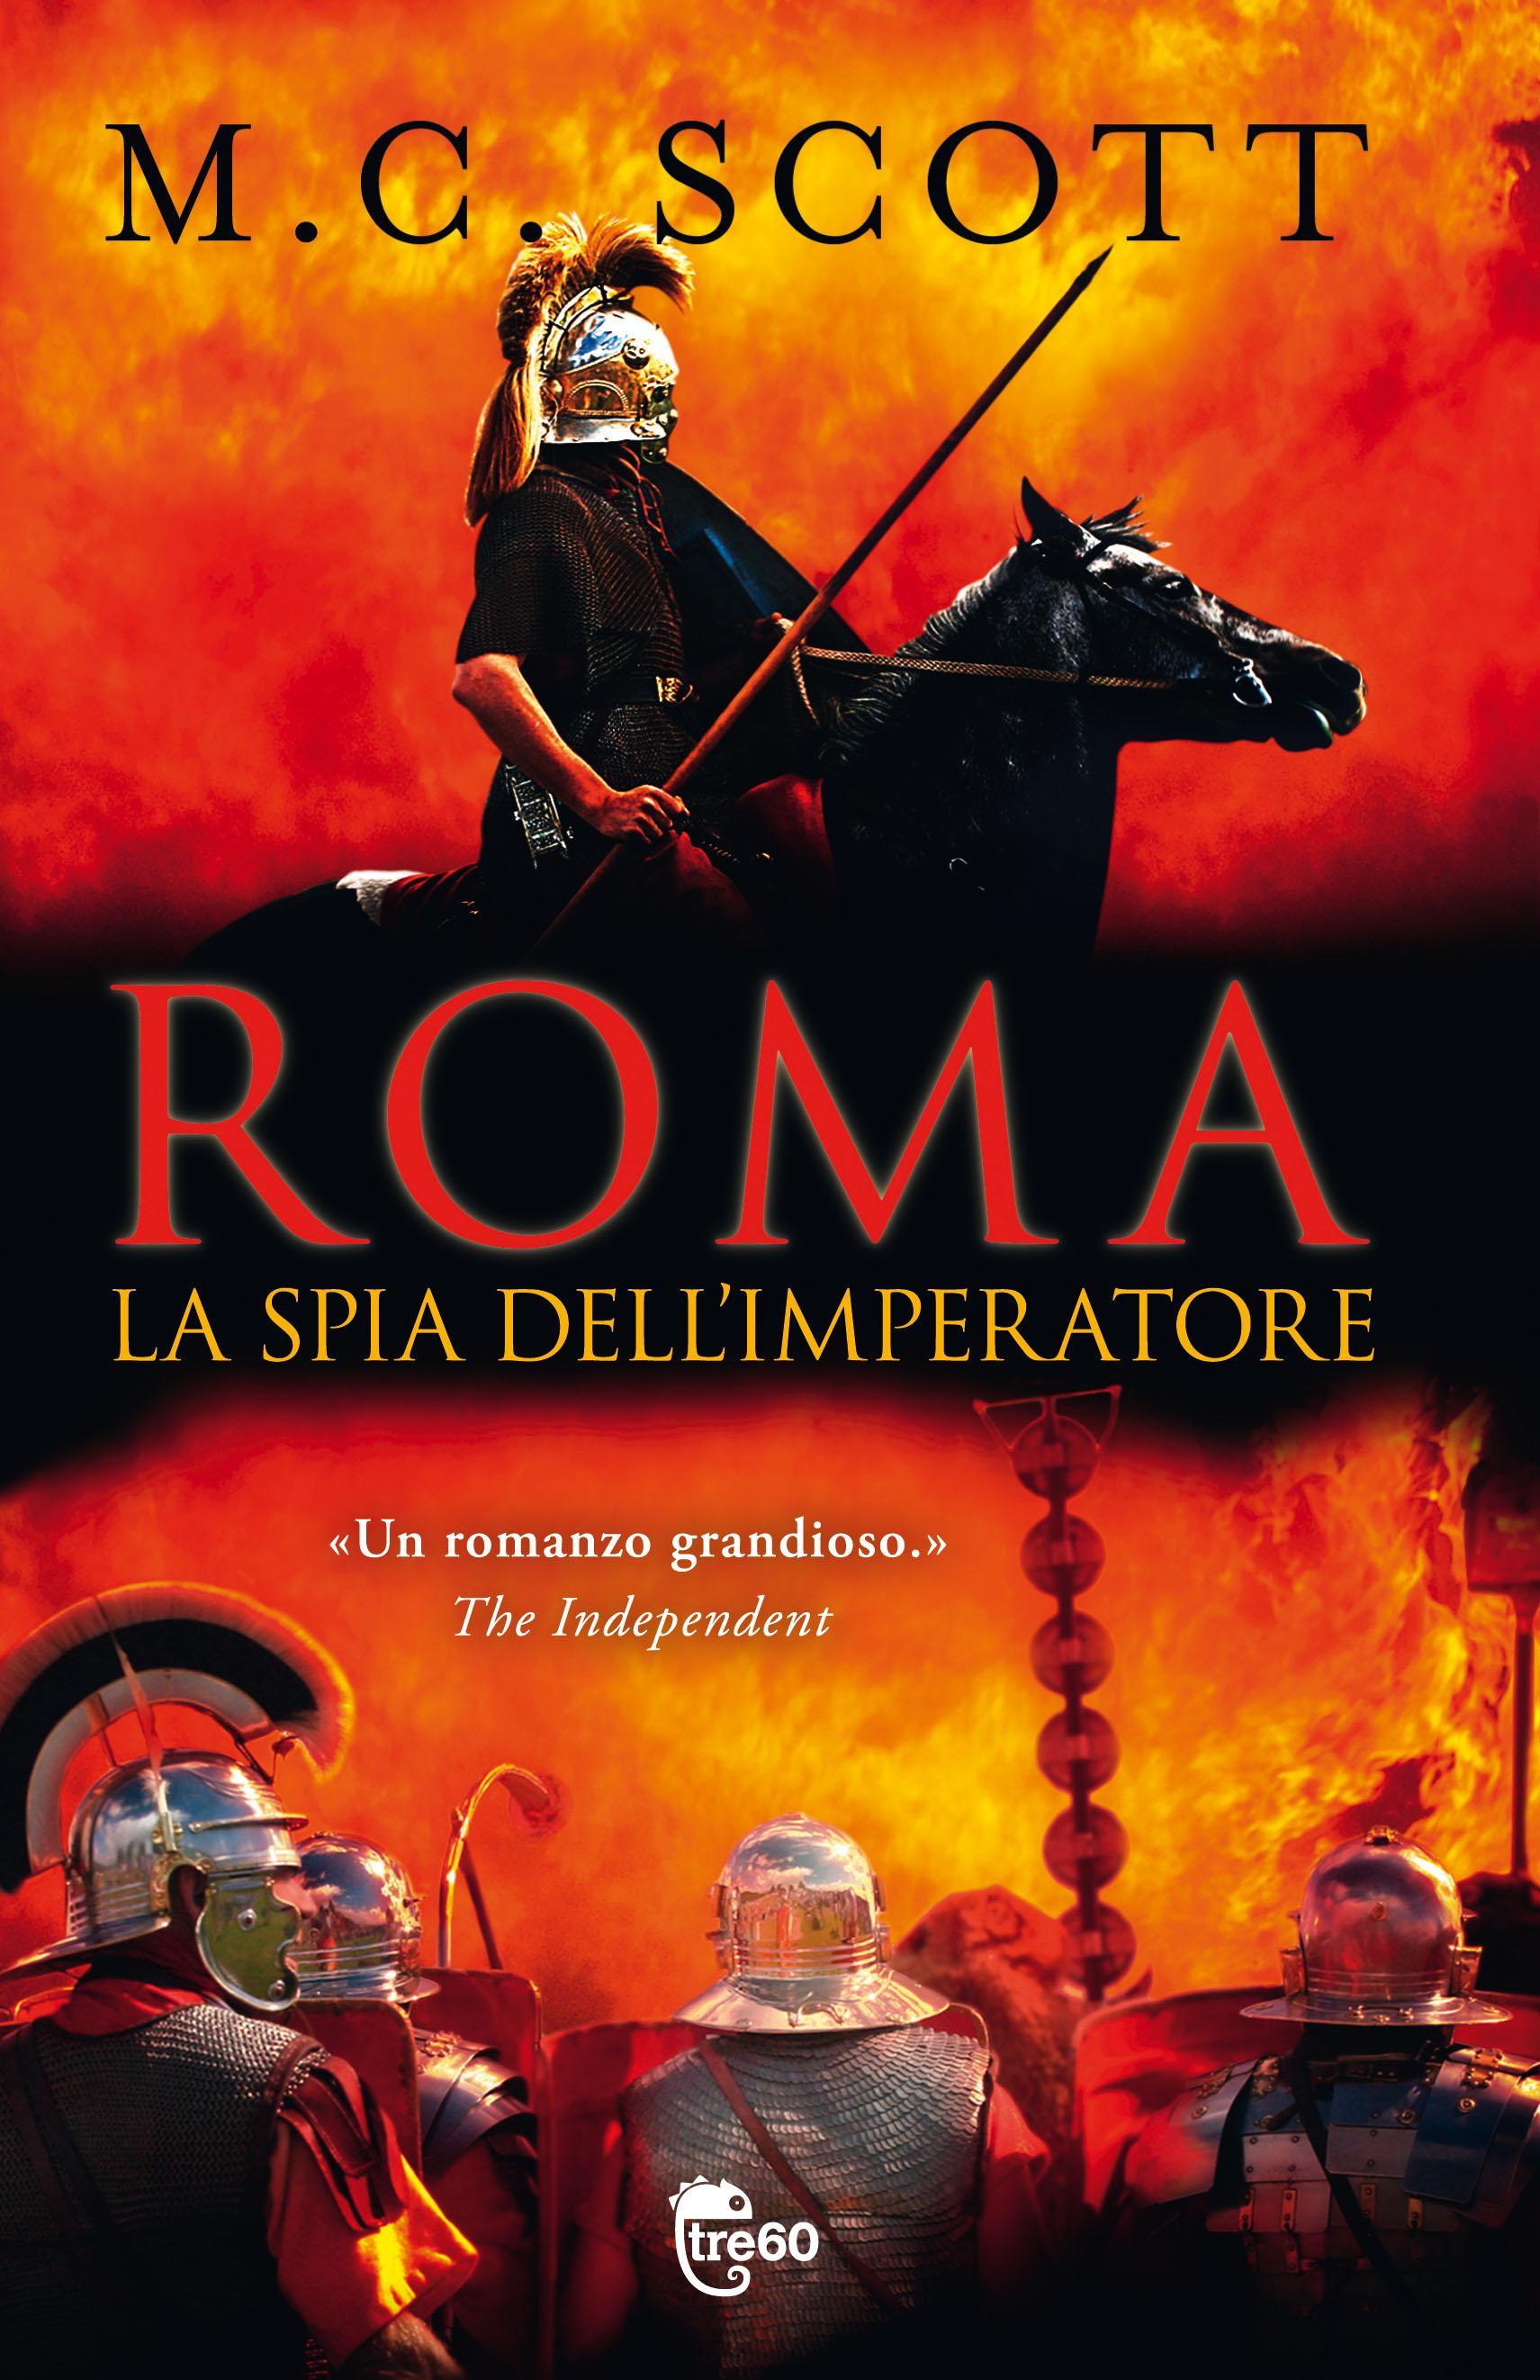 La spia dell'imperatore, il nuovo romanzo storico di m.c. scott